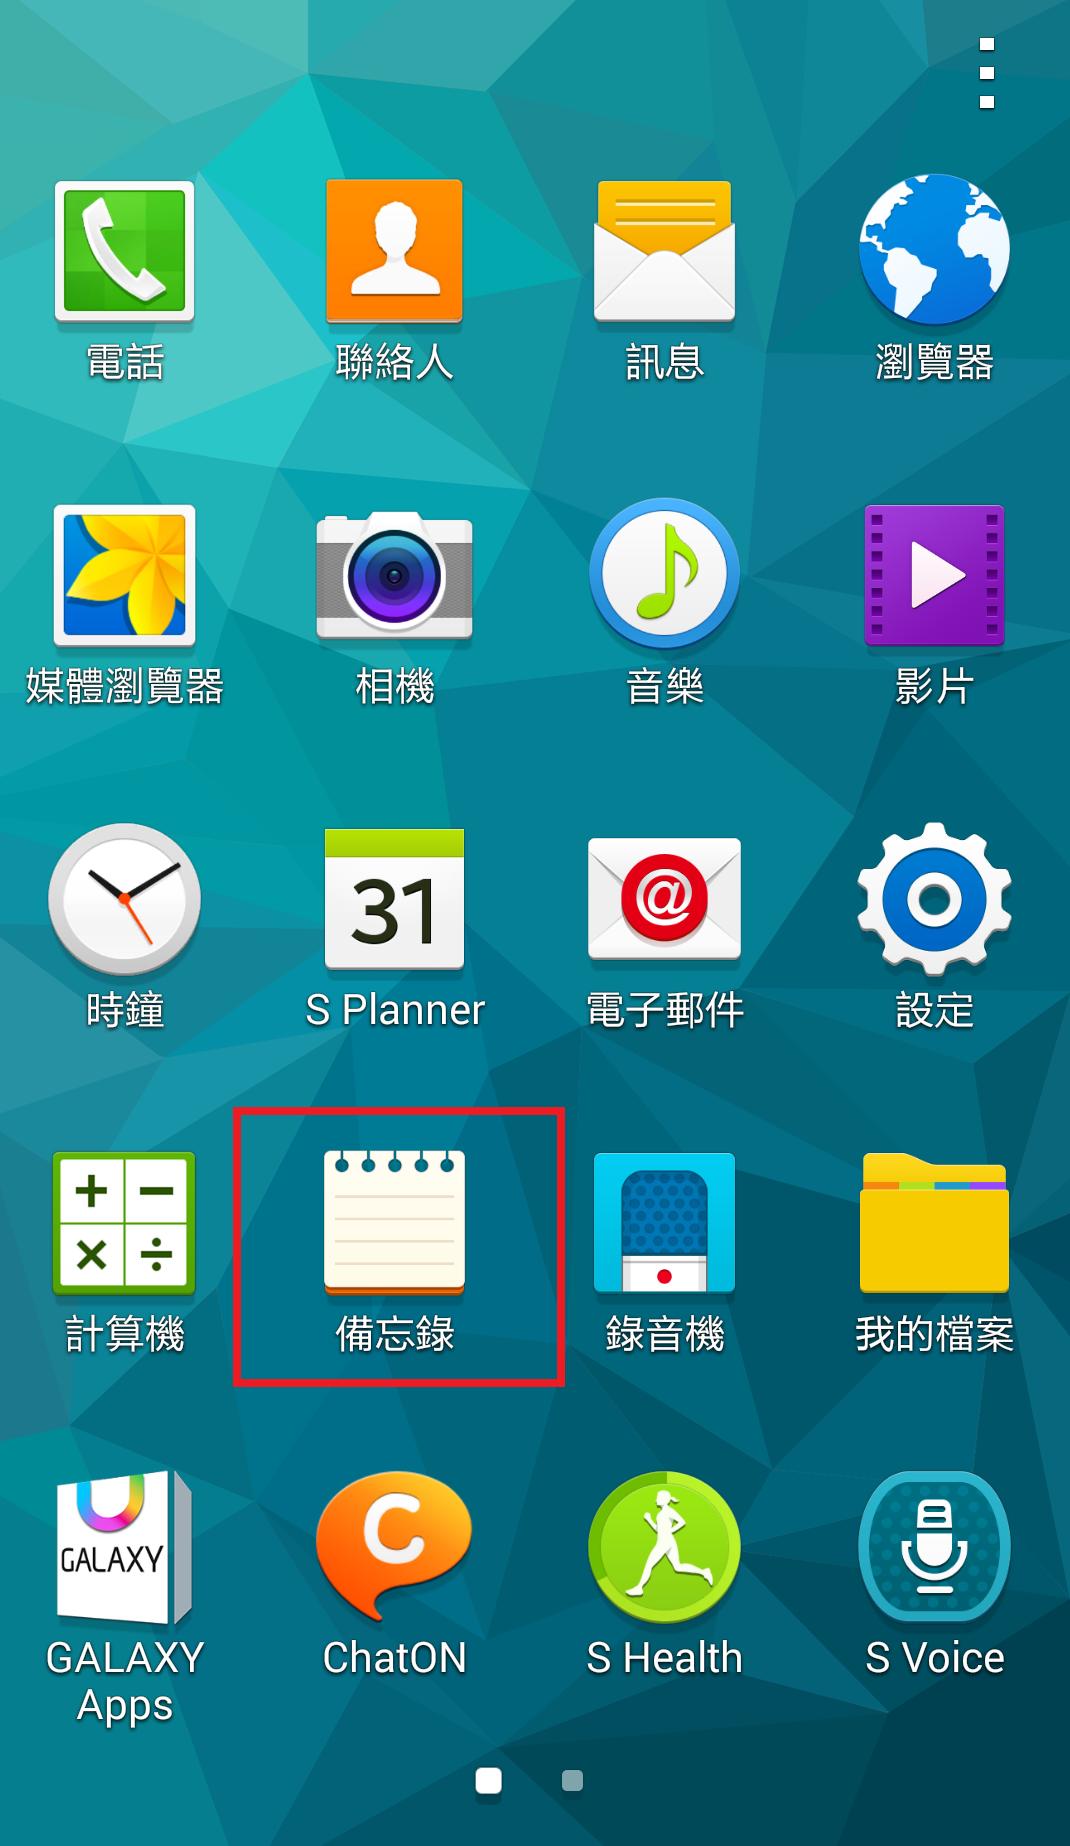 如何轉移備忘錄資料到 Galaxy S5?